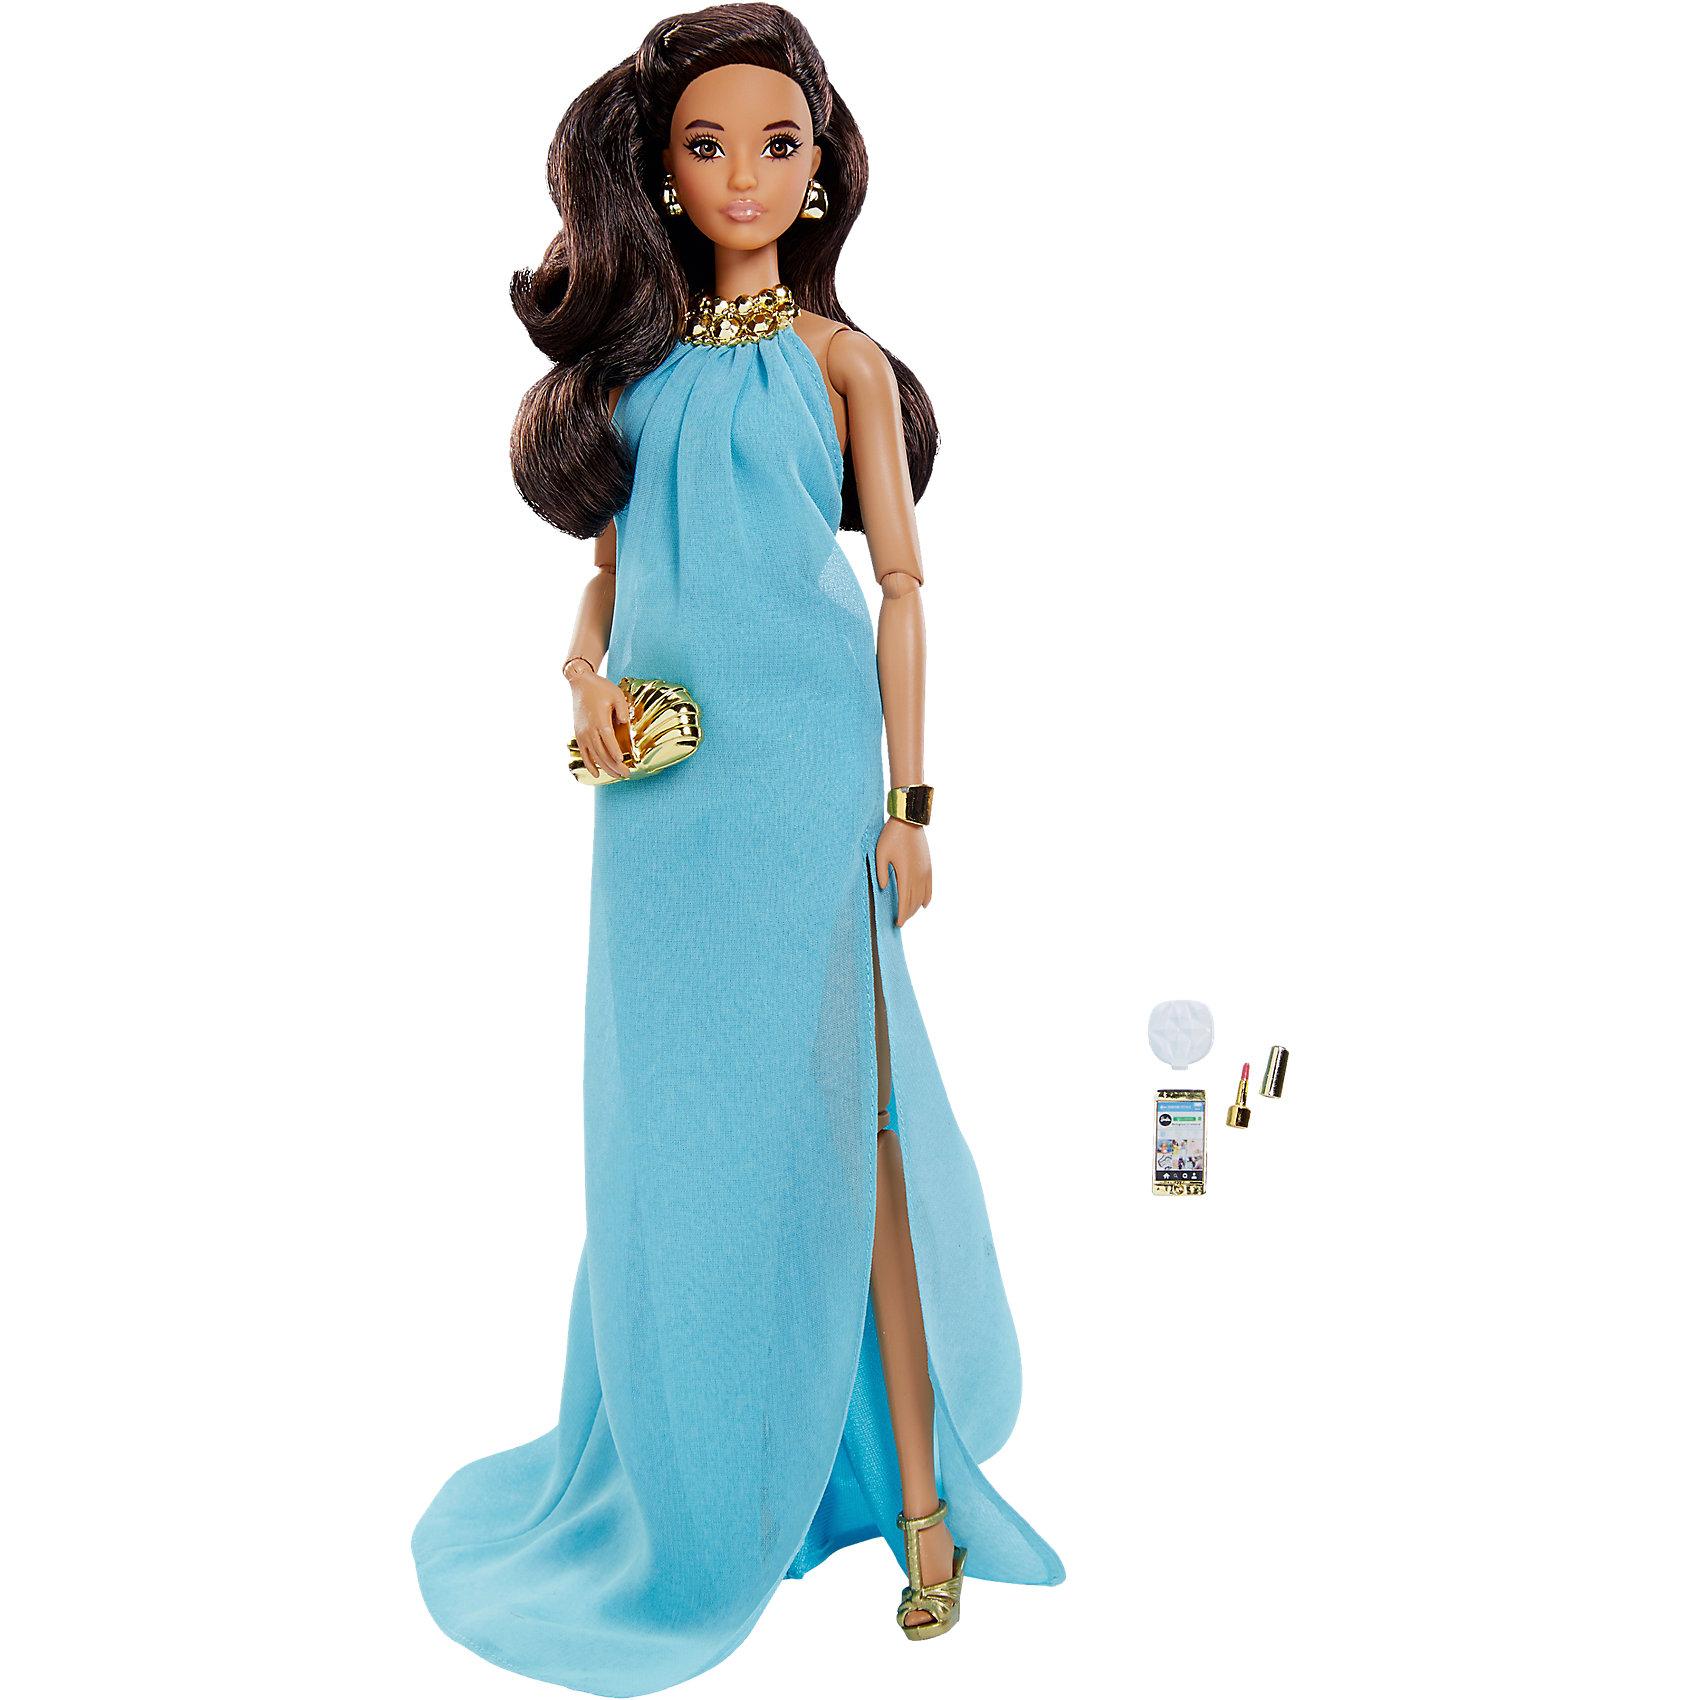 Коллекционная кукла Городской блеск, BarbieКуклы-модели<br><br><br>Ширина мм: 332<br>Глубина мм: 180<br>Высота мм: 70<br>Вес г: 320<br>Возраст от месяцев: 96<br>Возраст до месяцев: 144<br>Пол: Женский<br>Возраст: Детский<br>SKU: 5257108